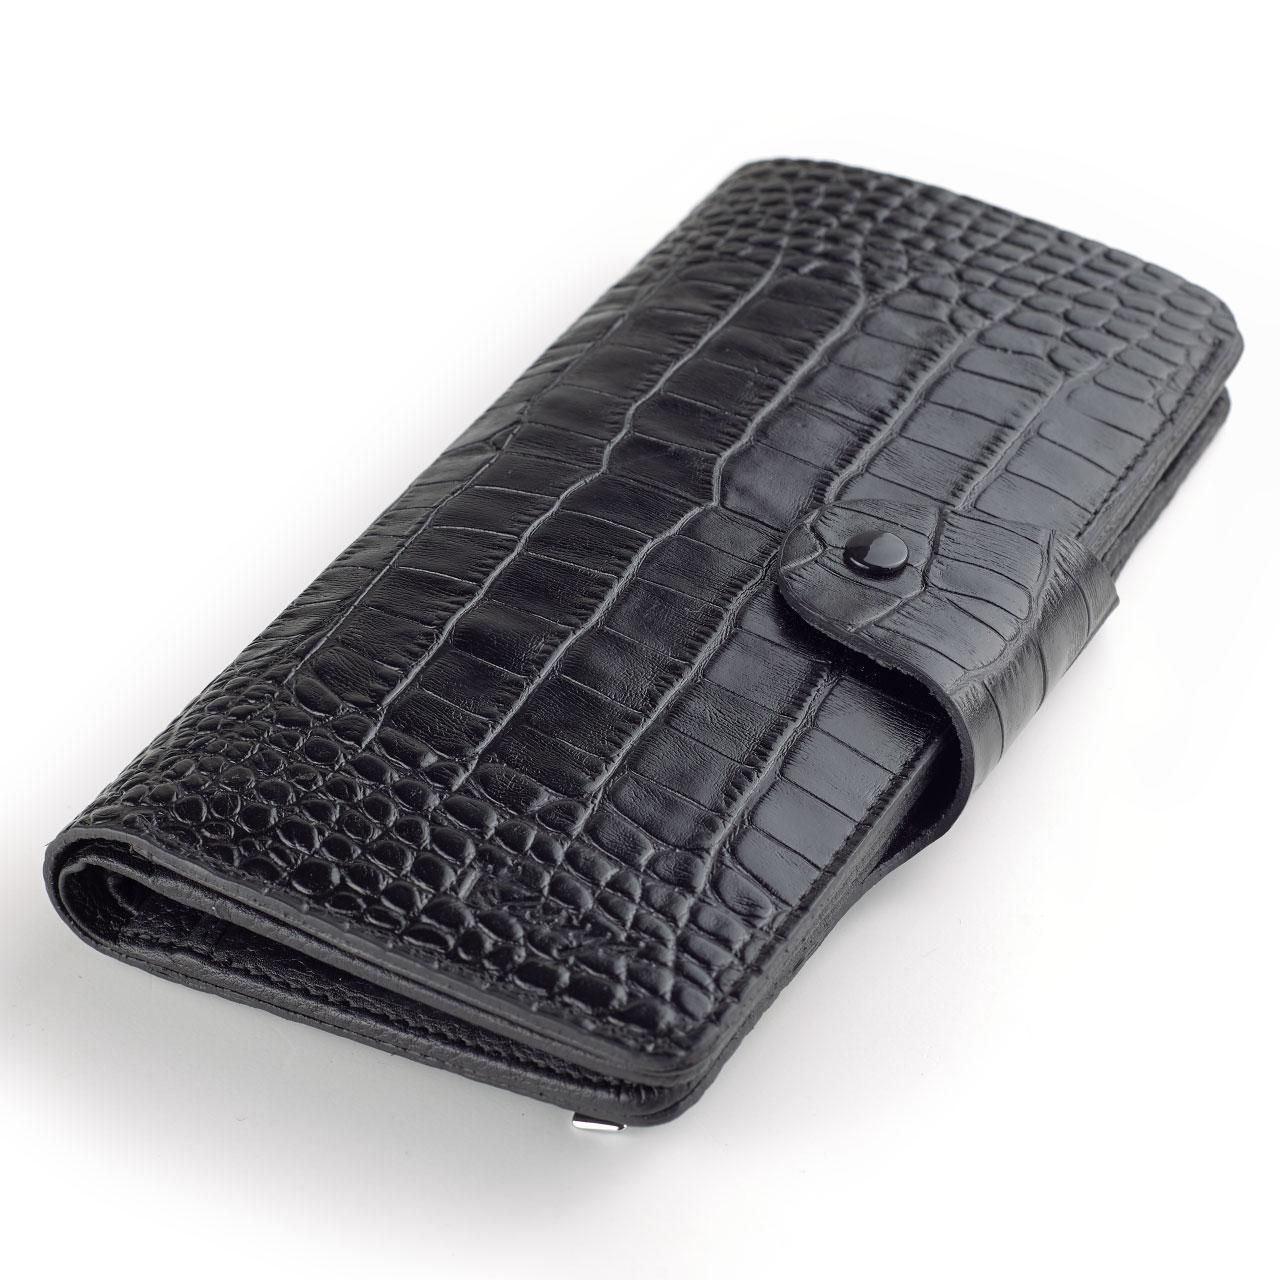 Мужское портмоне купюрник Karya 1122-53 кожаное черное